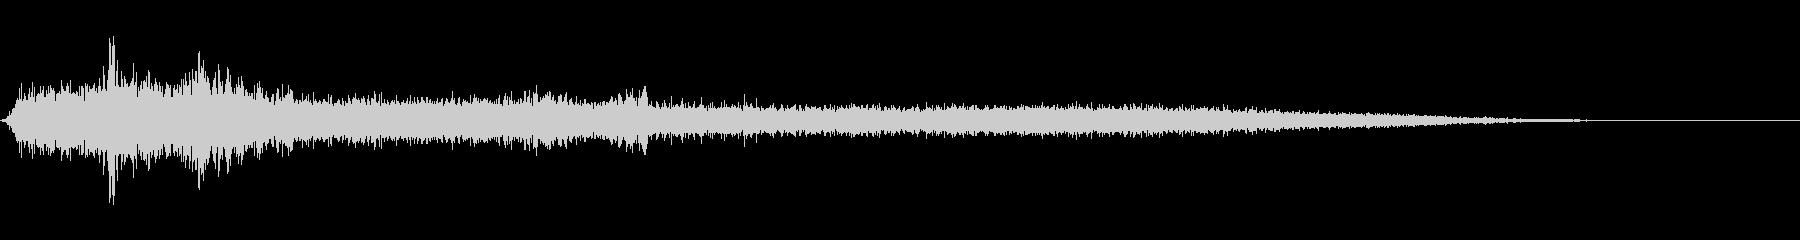 【生録音】 早朝の街 交通 環境音 18の未再生の波形